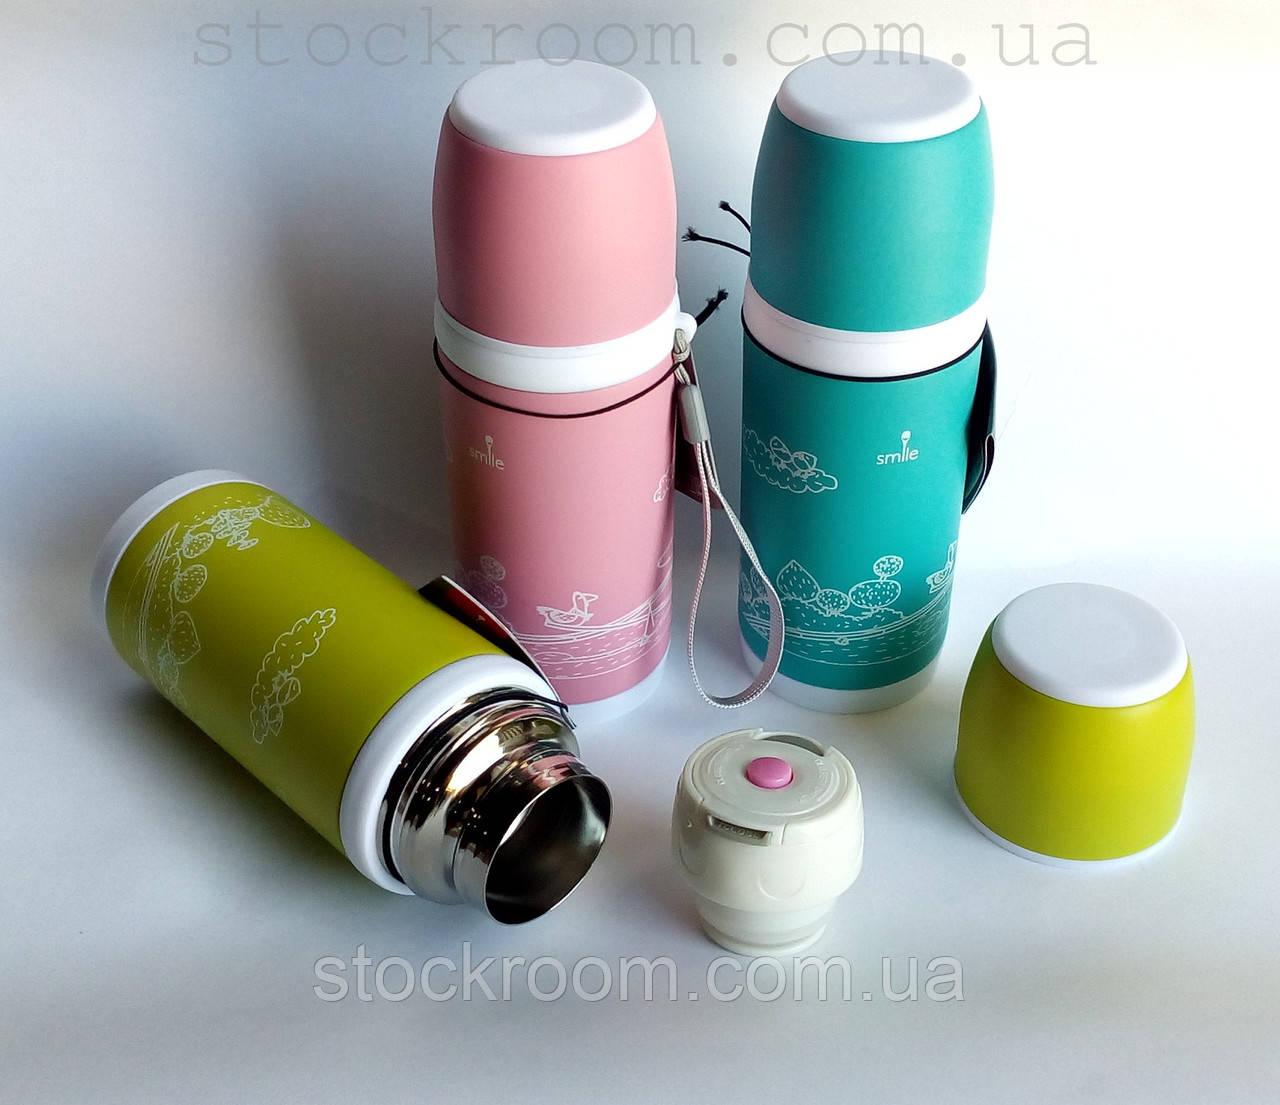 Термос Smile  0.35 л (розовый, голубой, зелёный)